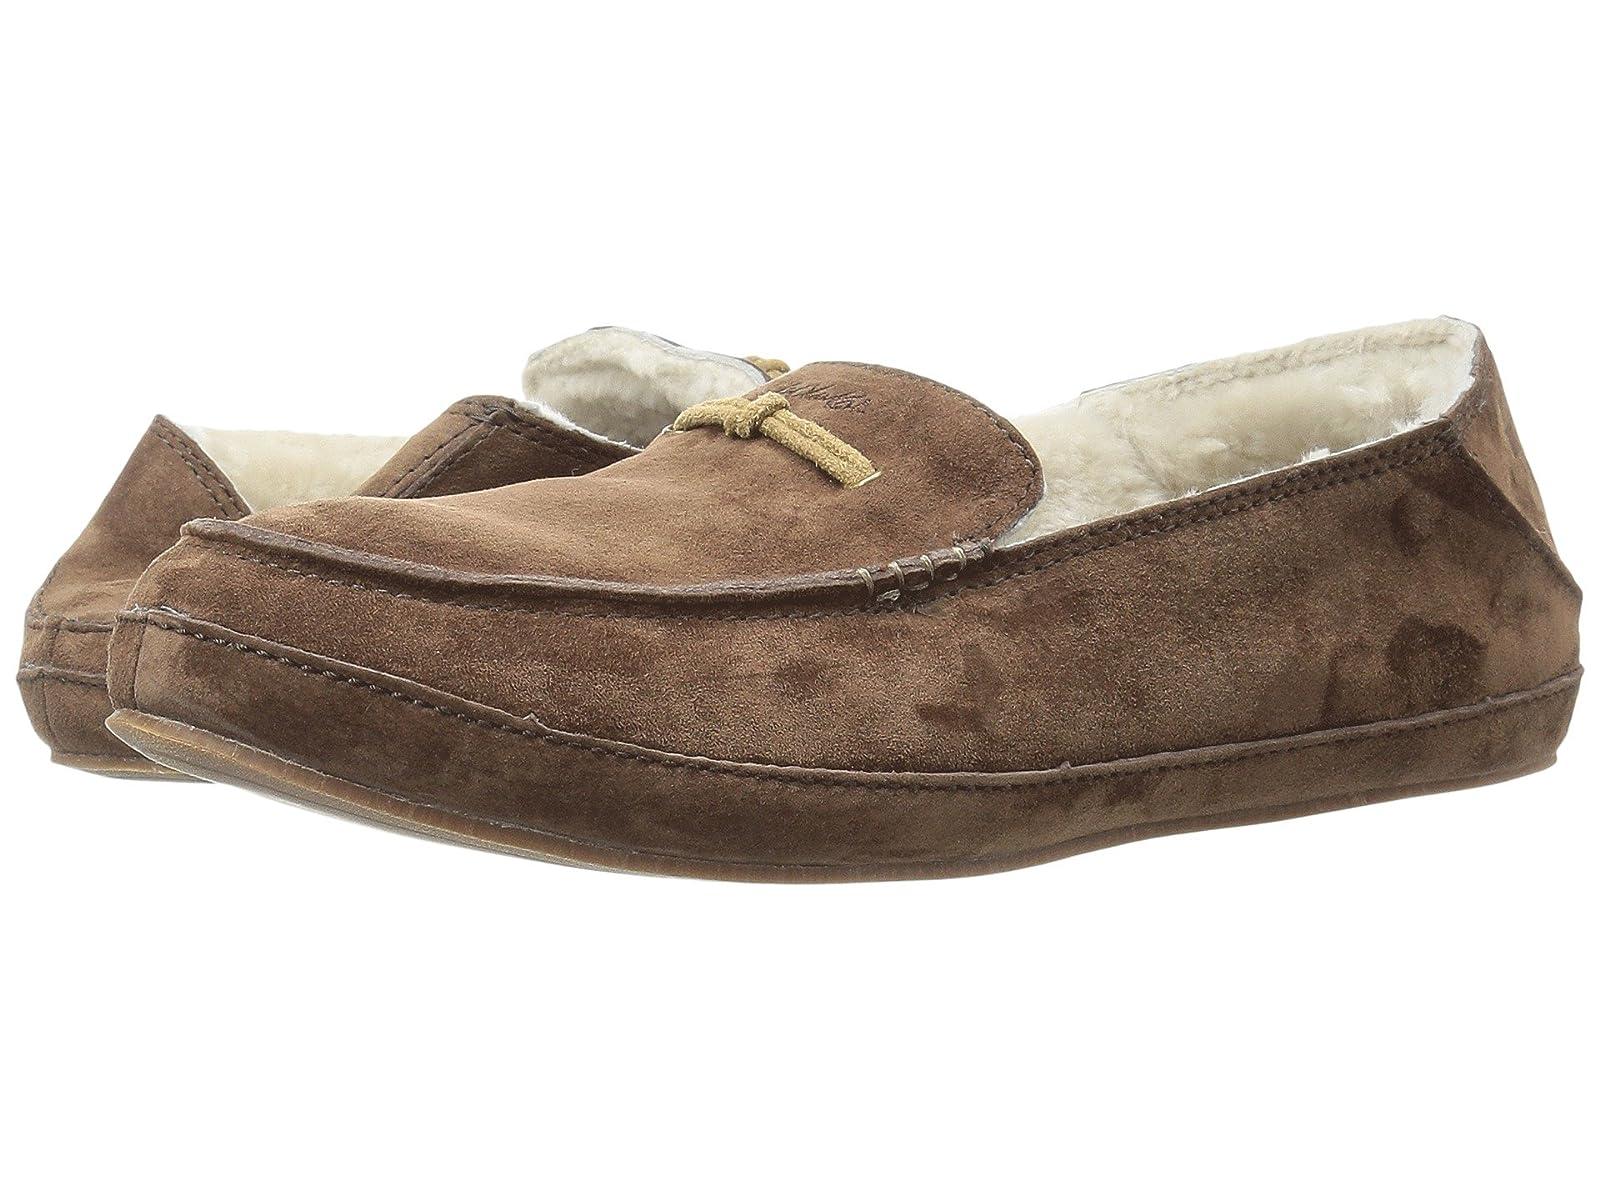 OluKai Pa'ani SlipperCheap and distinctive eye-catching shoes